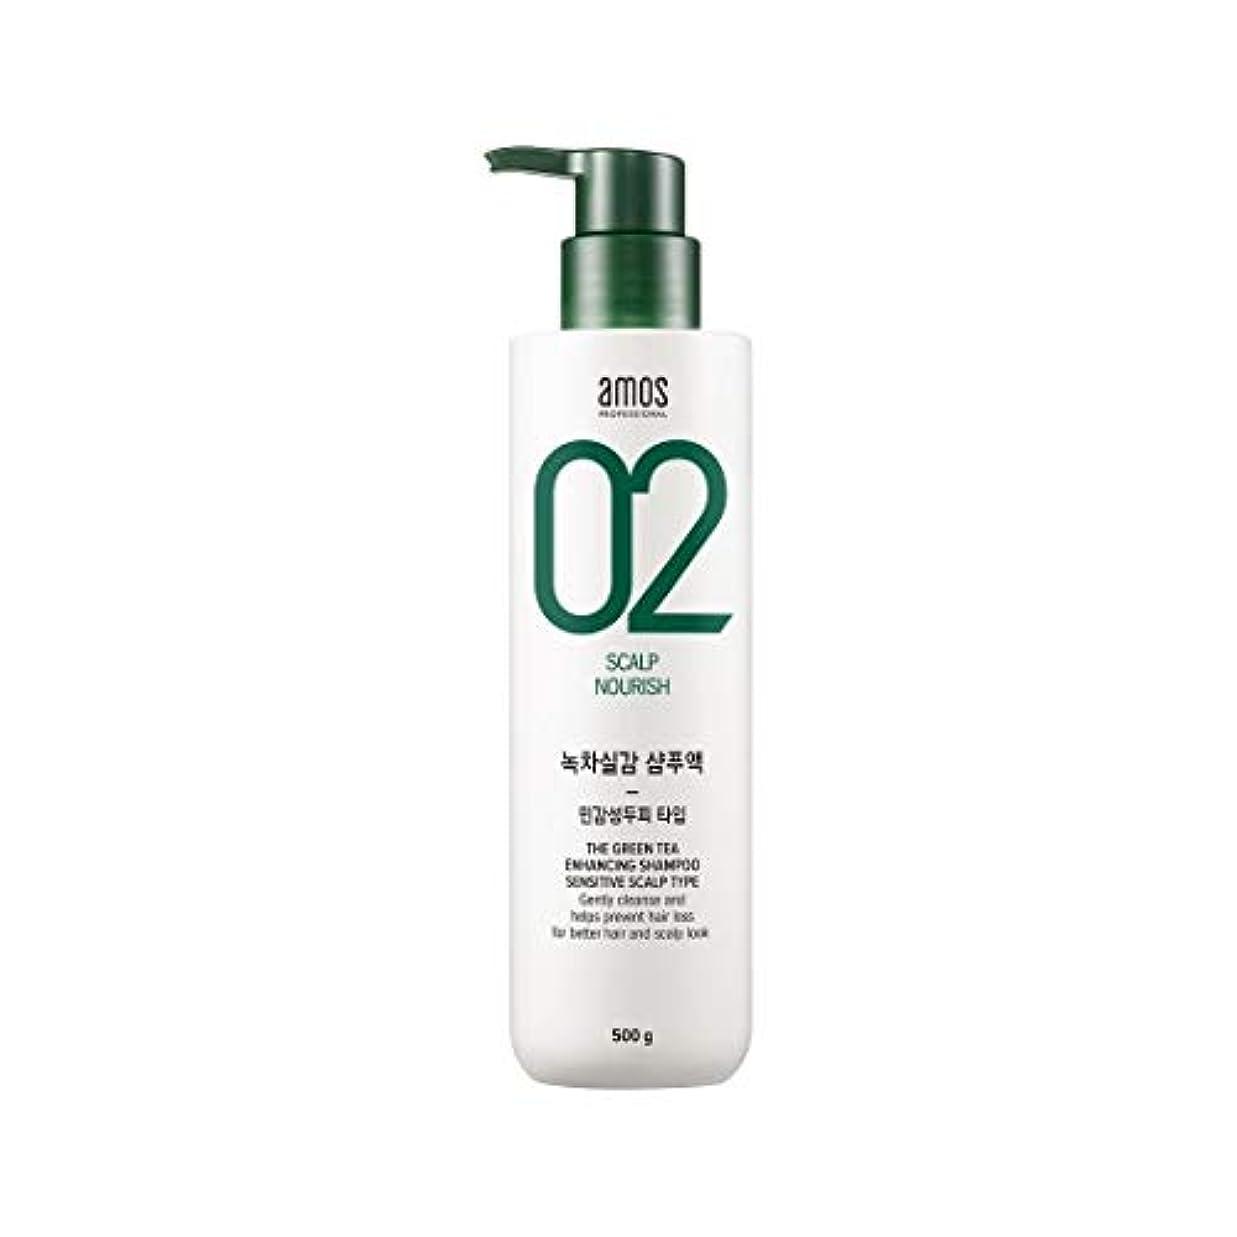 インタラクション純粋な有名Amos Green Tea Enhancing Shampoo -Sensitive 500g / アモス ザ グリーンティー エンハンシング シャンプー # センシンティブ スカルプタイプ [並行輸入品]